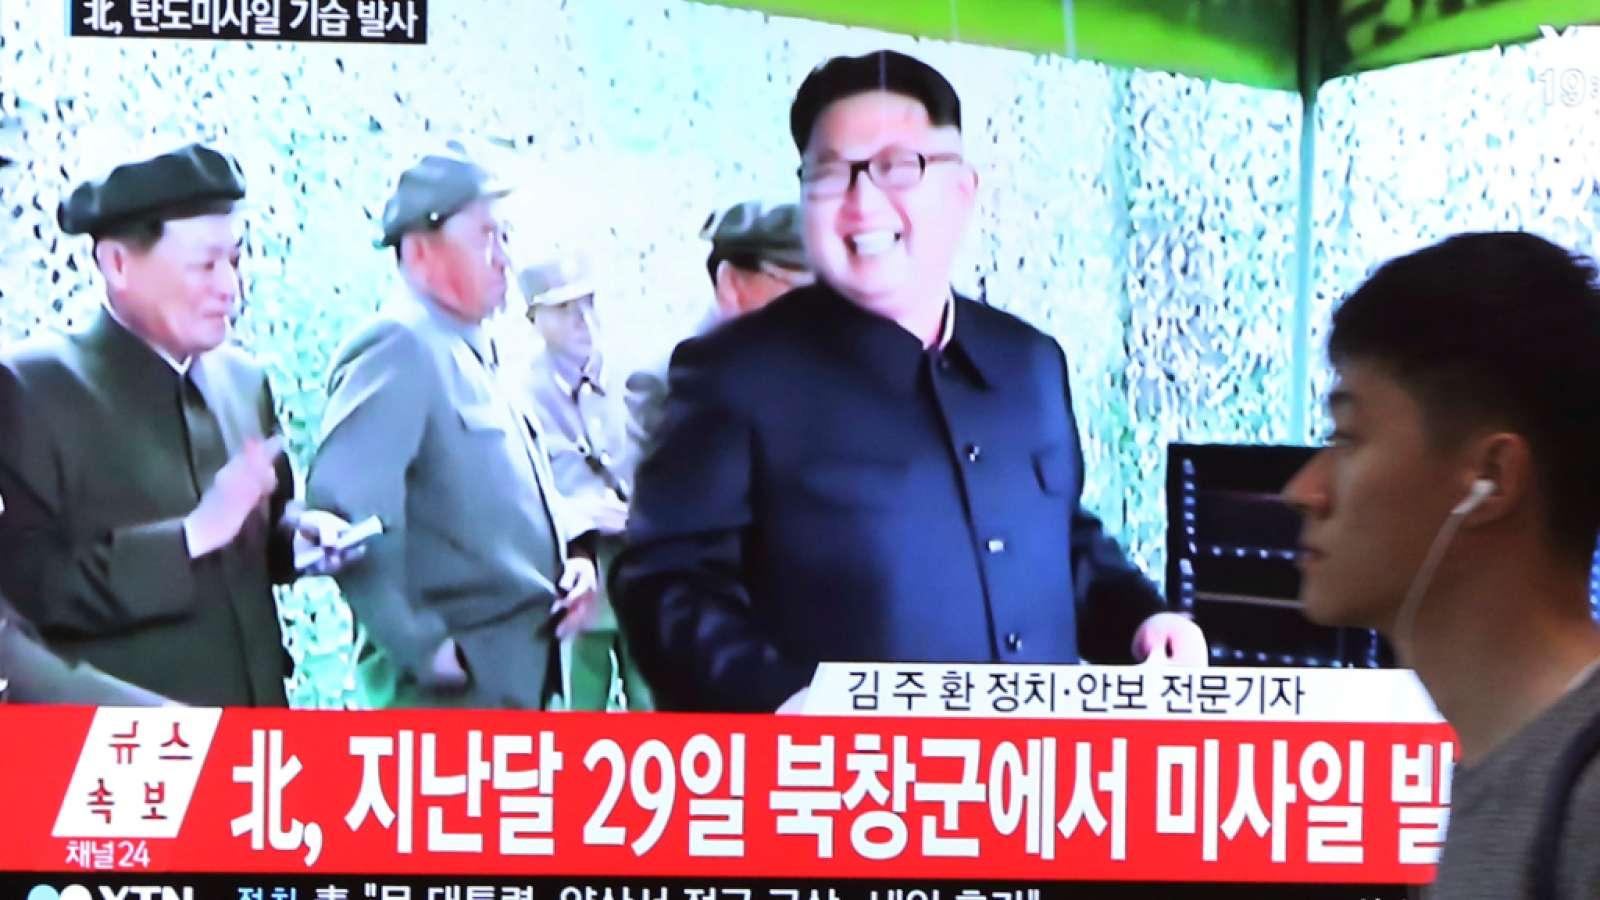 Nordkoreas Machthaber Kim Jong Un strahlt in einem südkoreanischen TV-Beitrag über den jüngsten Raketentest.